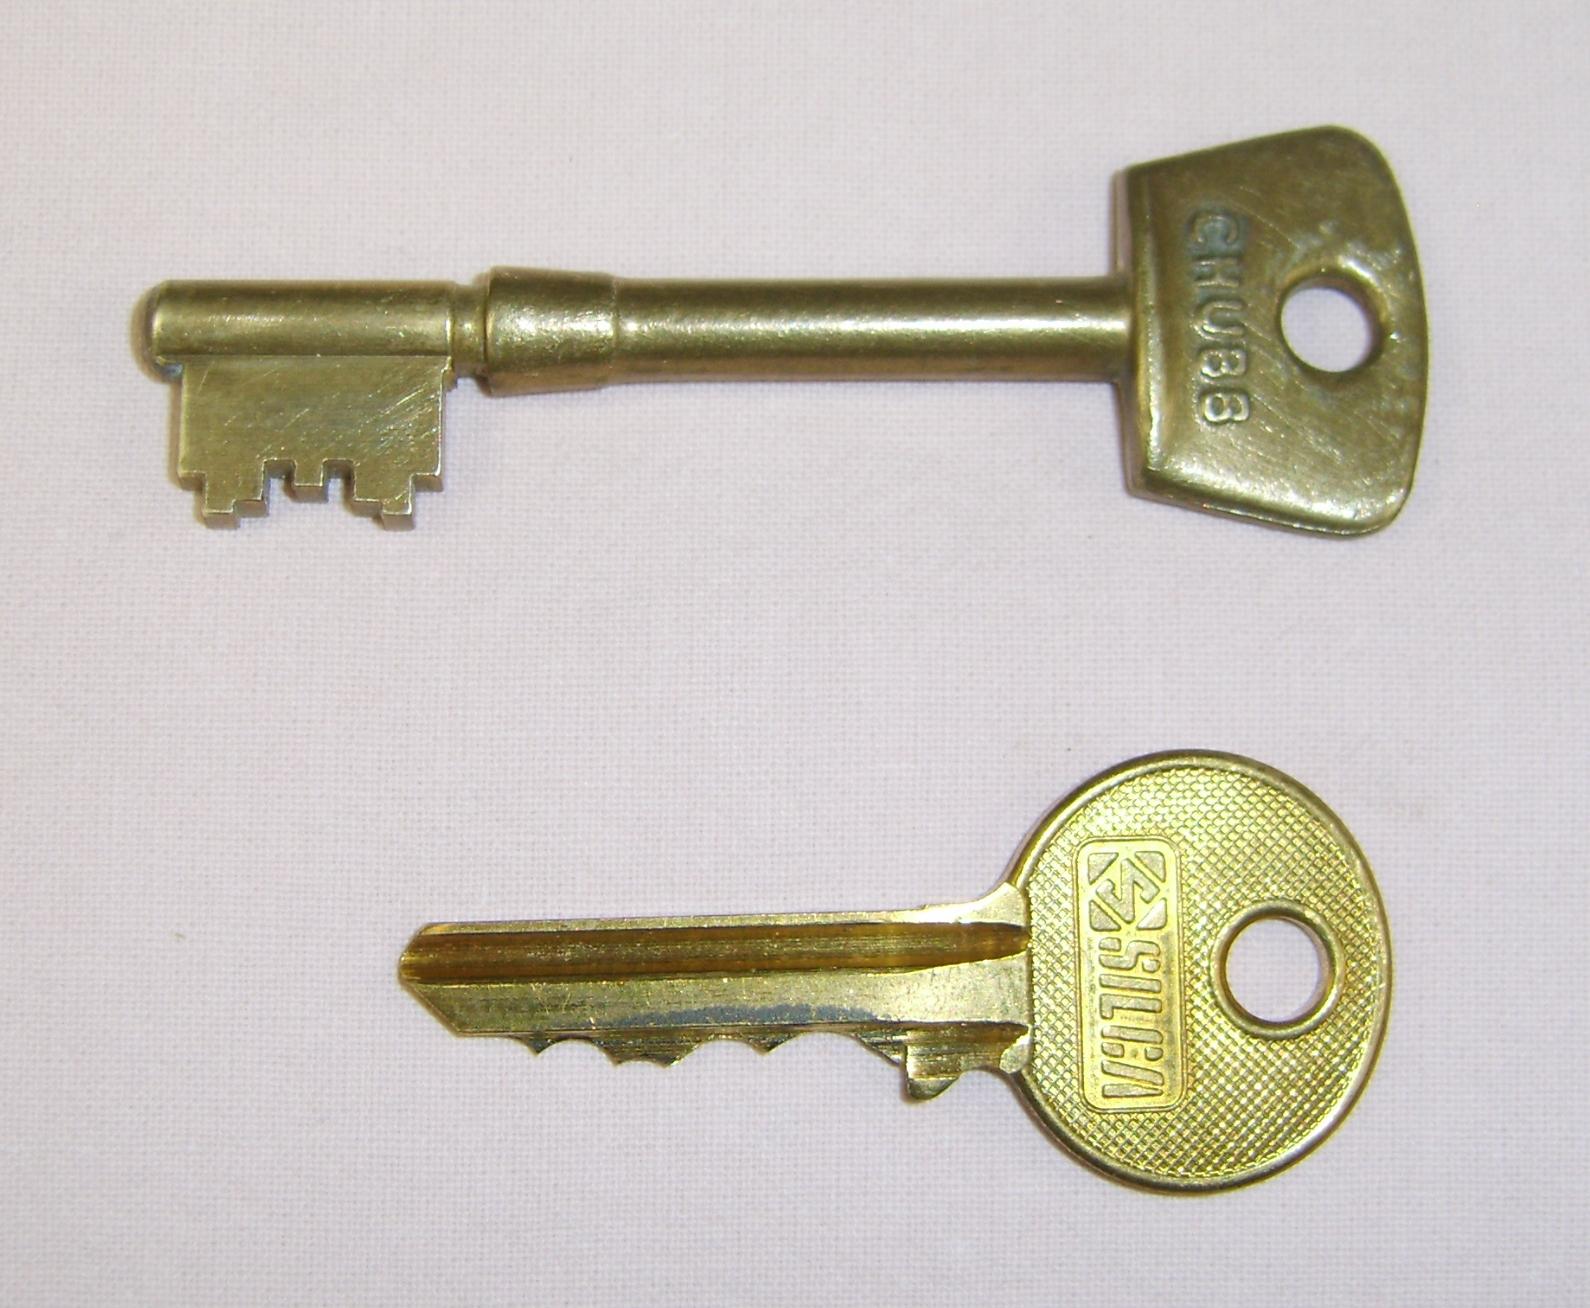 Mortice Lock Key & Rim Cylinder Key